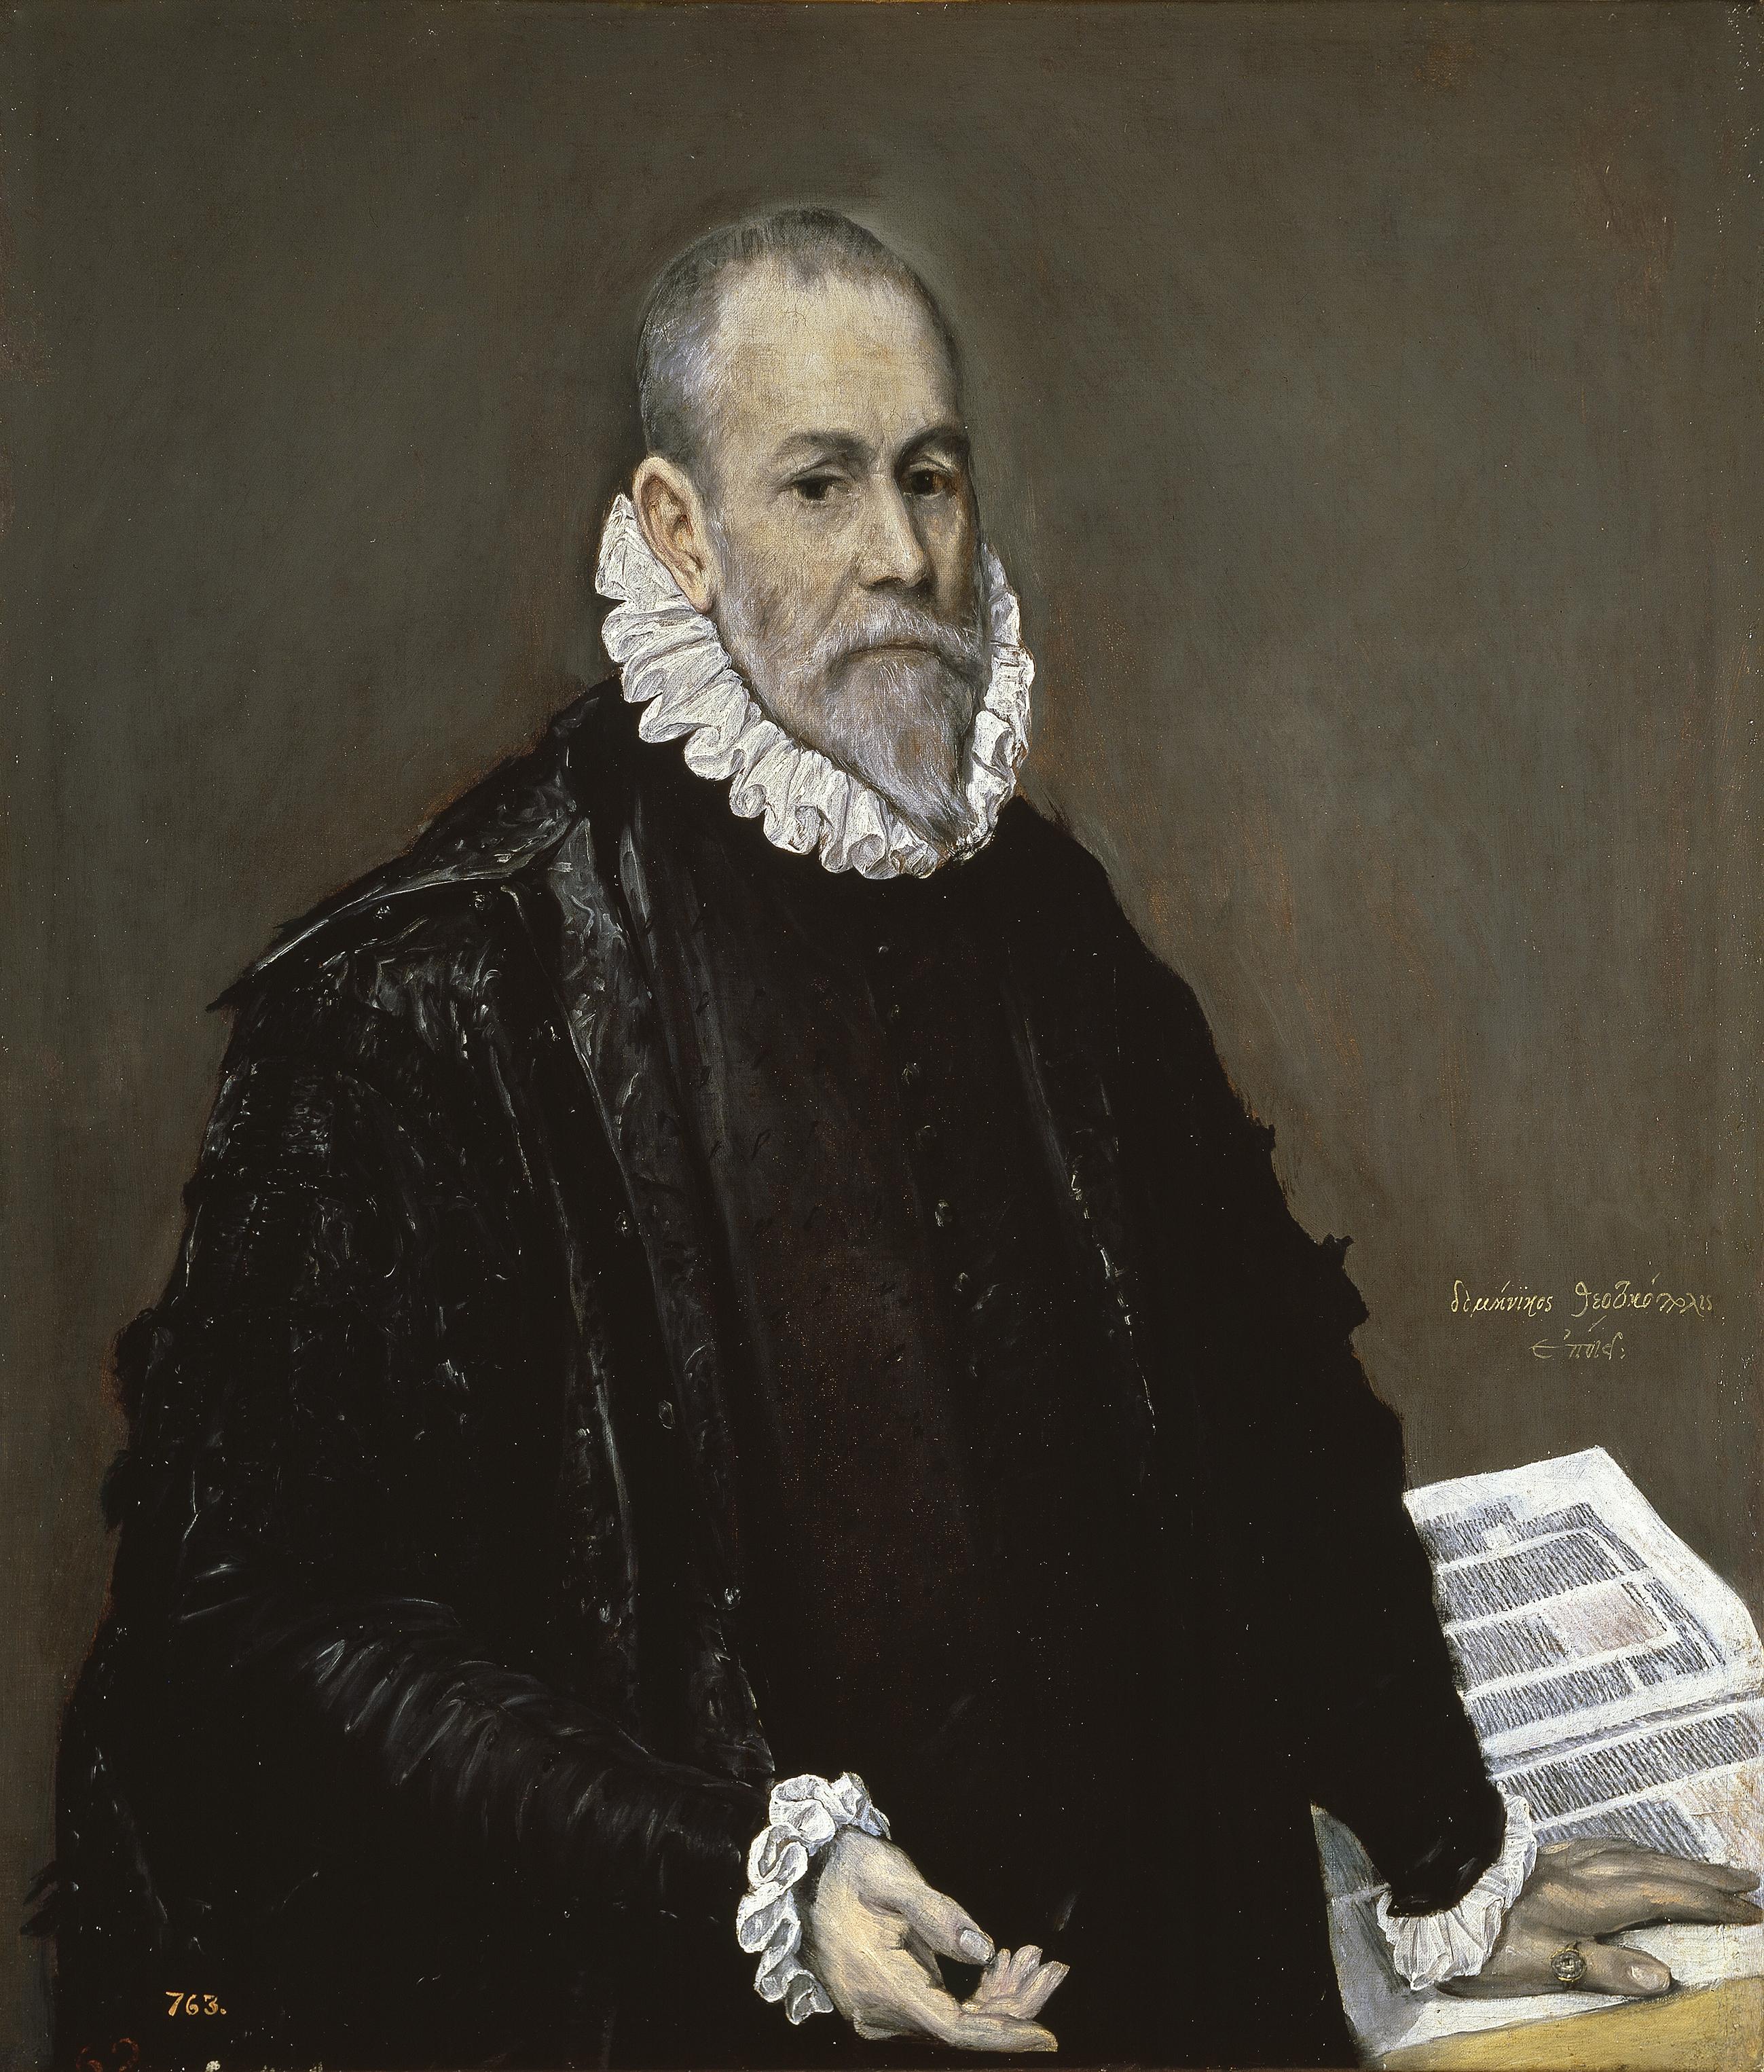 File:El Greco, retrato de un médico.jpg - Wikimedia Commons